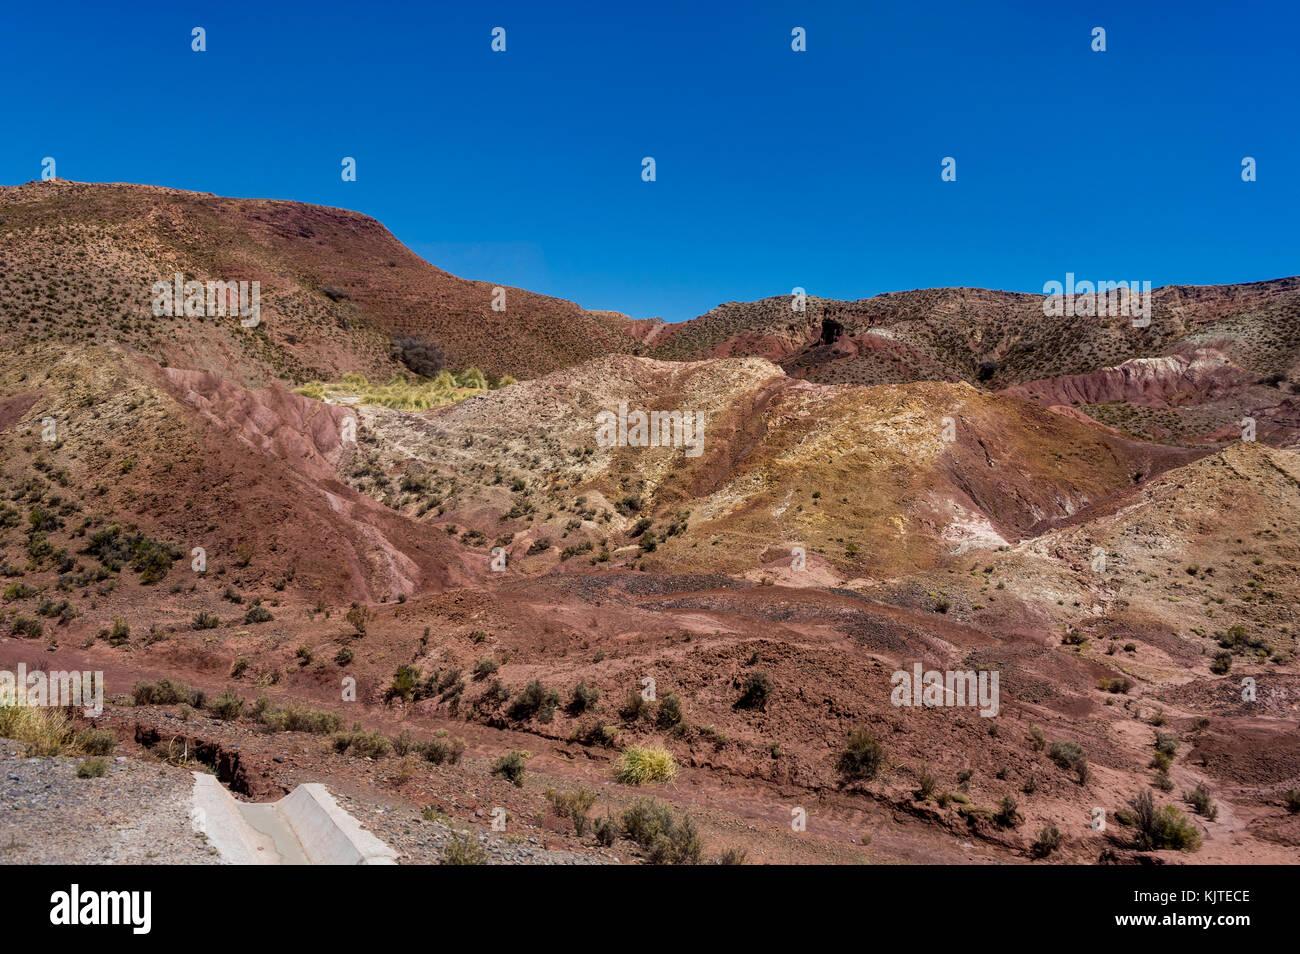 Foto im August 2017 in Uyuni in Bolivien, Südamerika: Atacama Wüste in Uyuni in Bolivien getroffen Stockbild